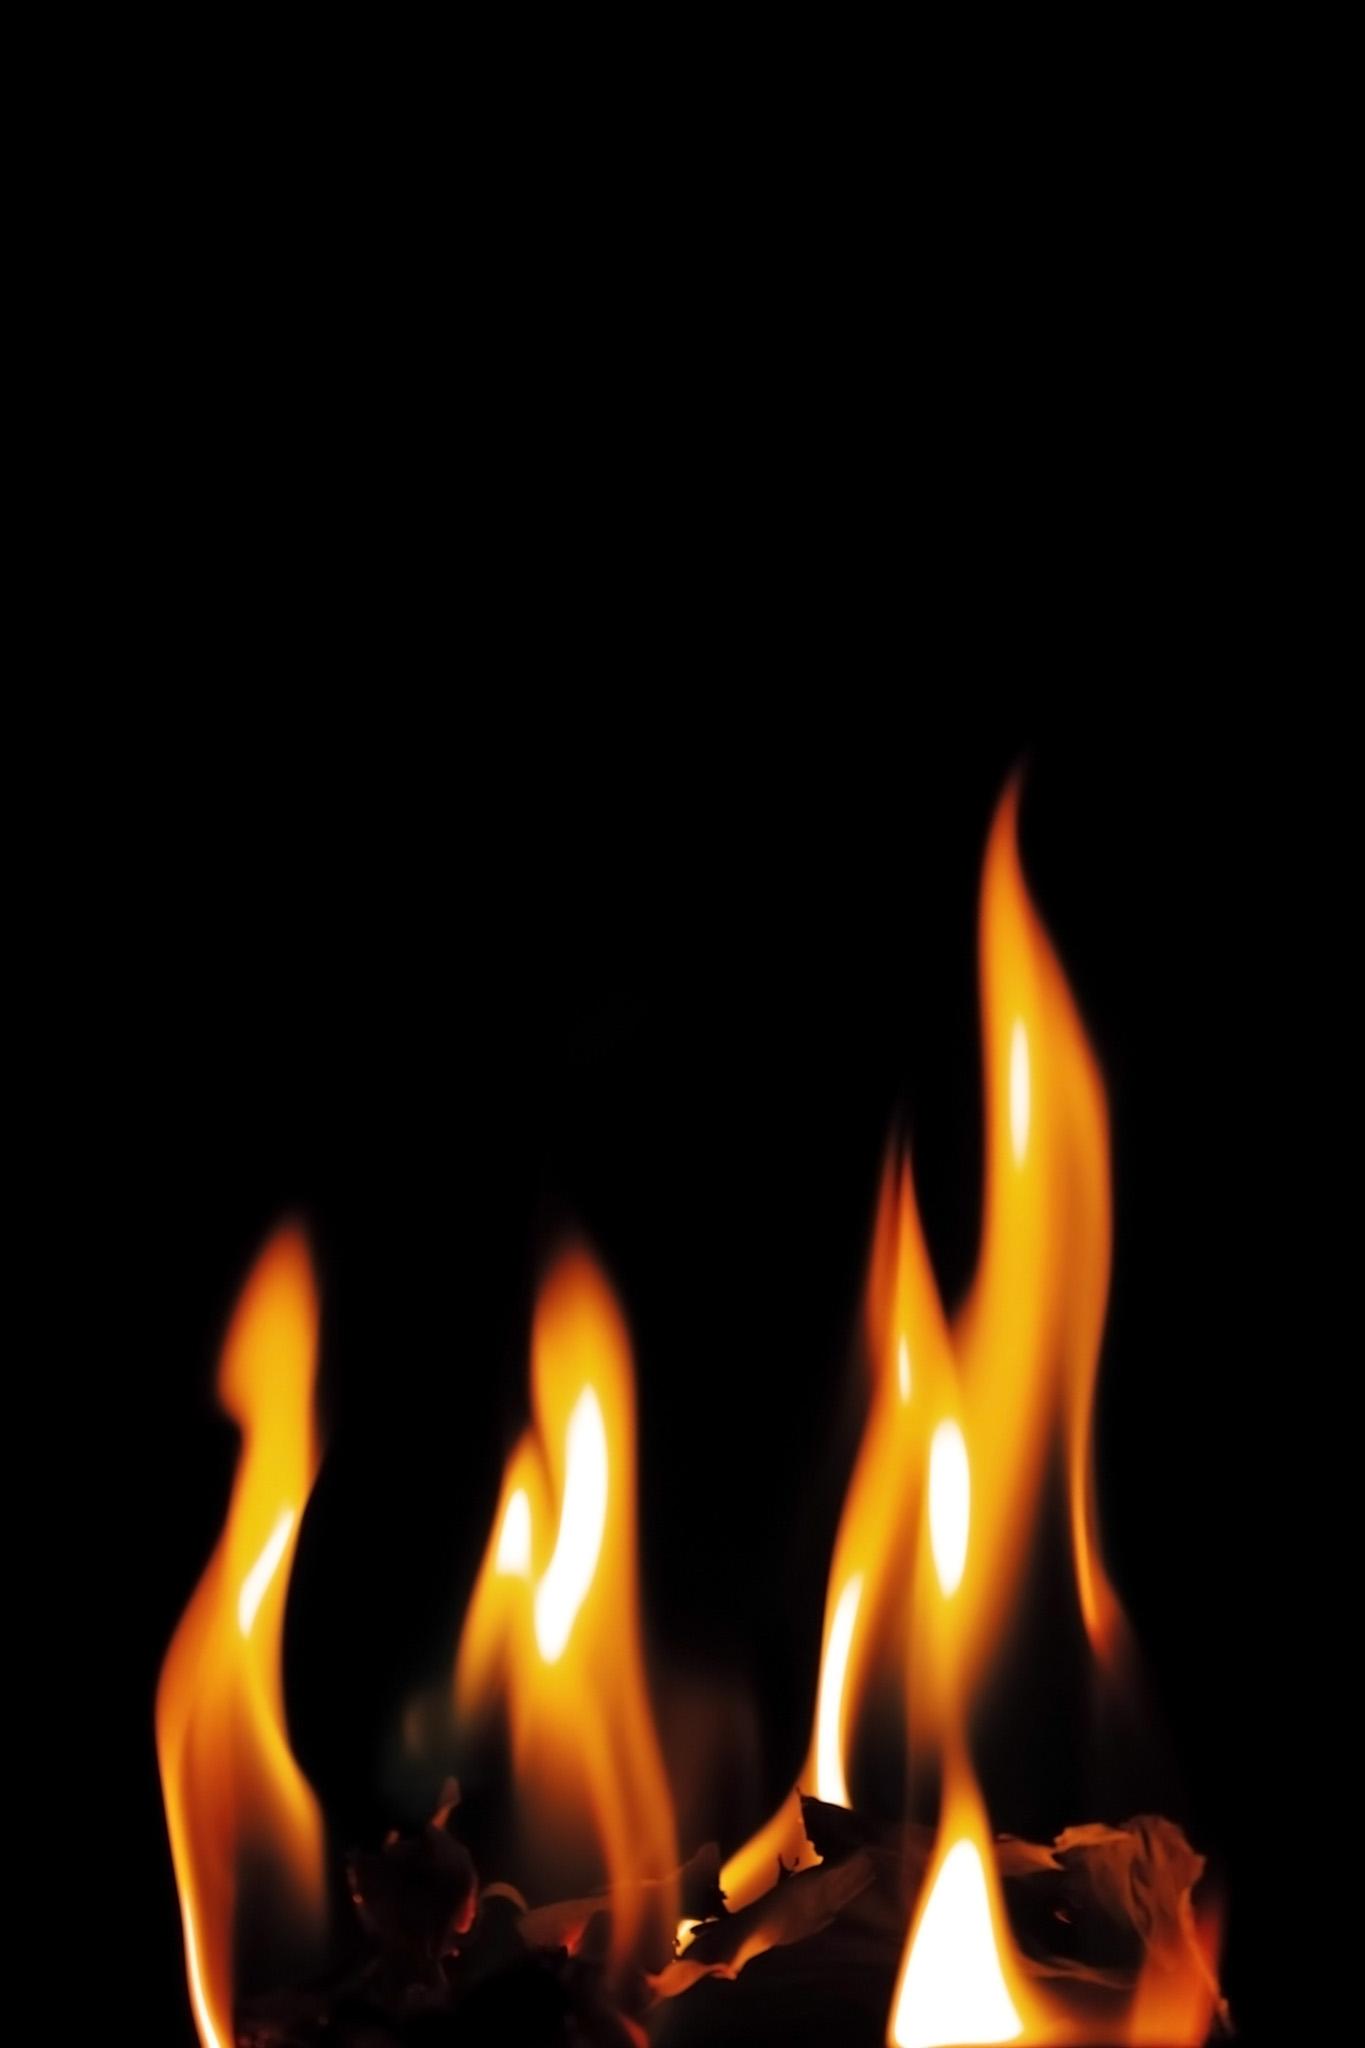 「黒い背景に4本の火柱」